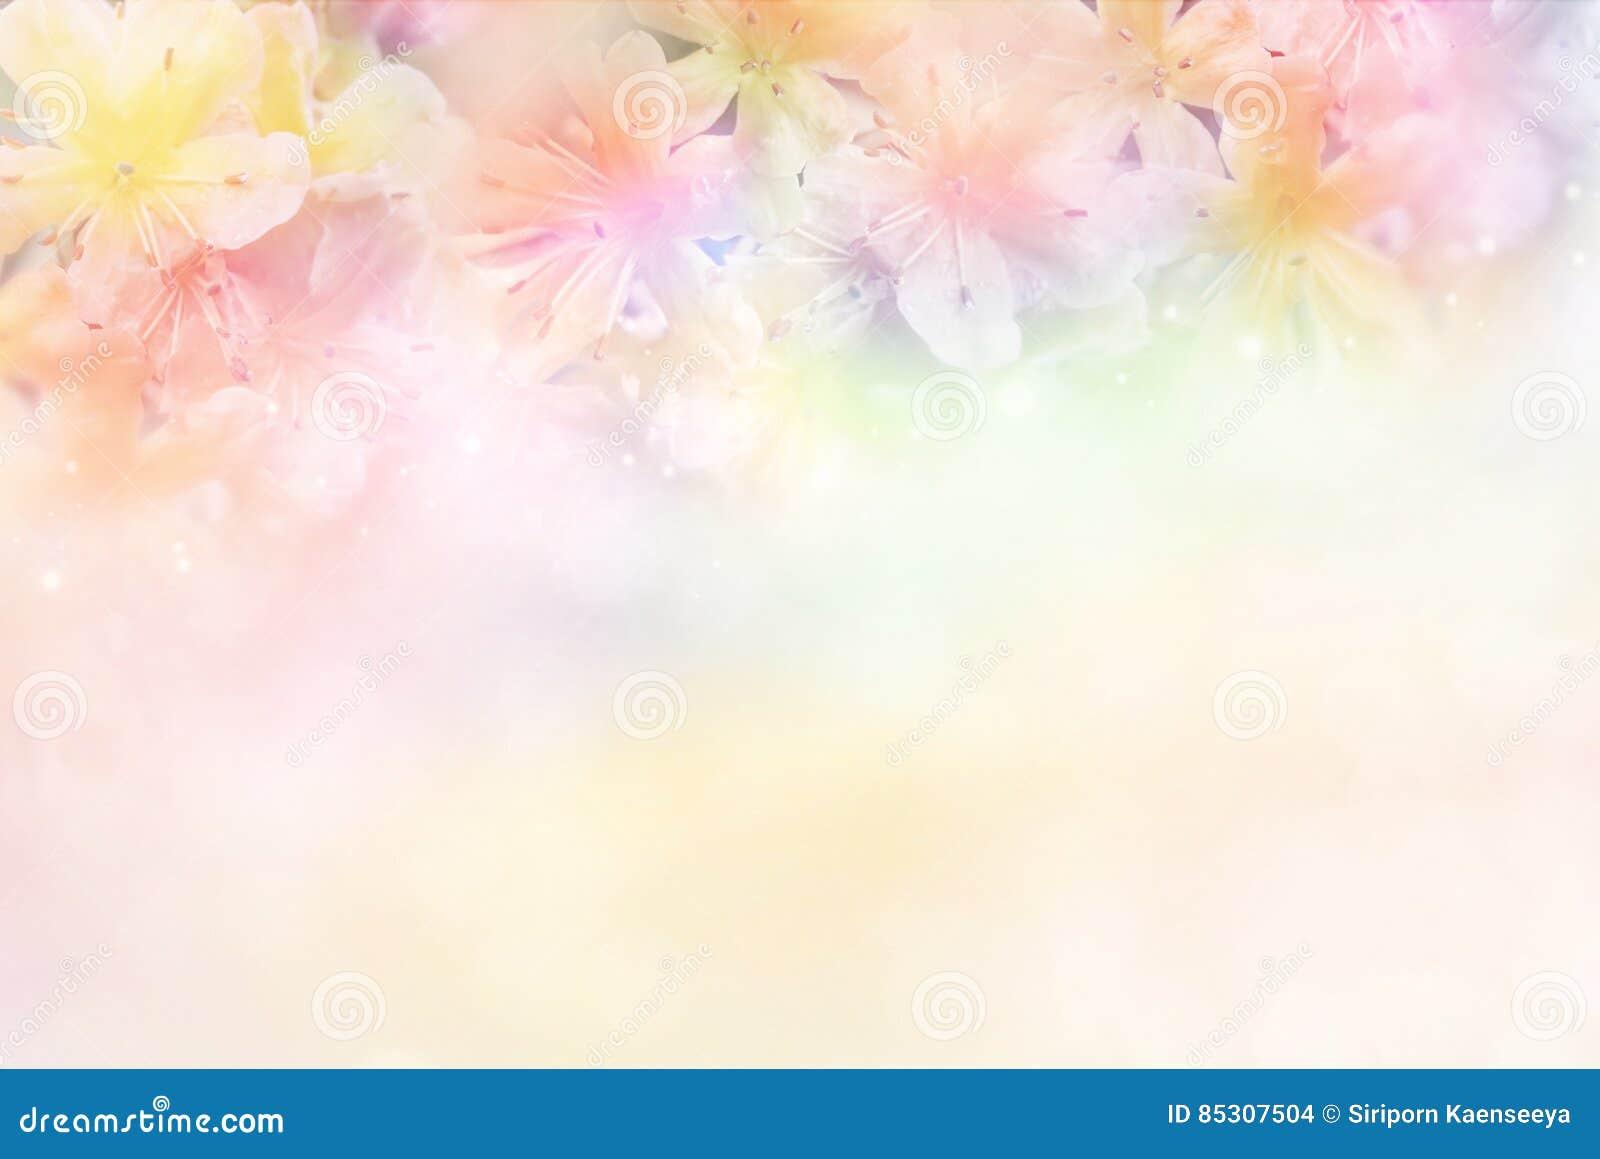 Imagenes Tumblr Colores Pastel: Florezca El Fondo Suave En El Tono En Colores Pastel Para